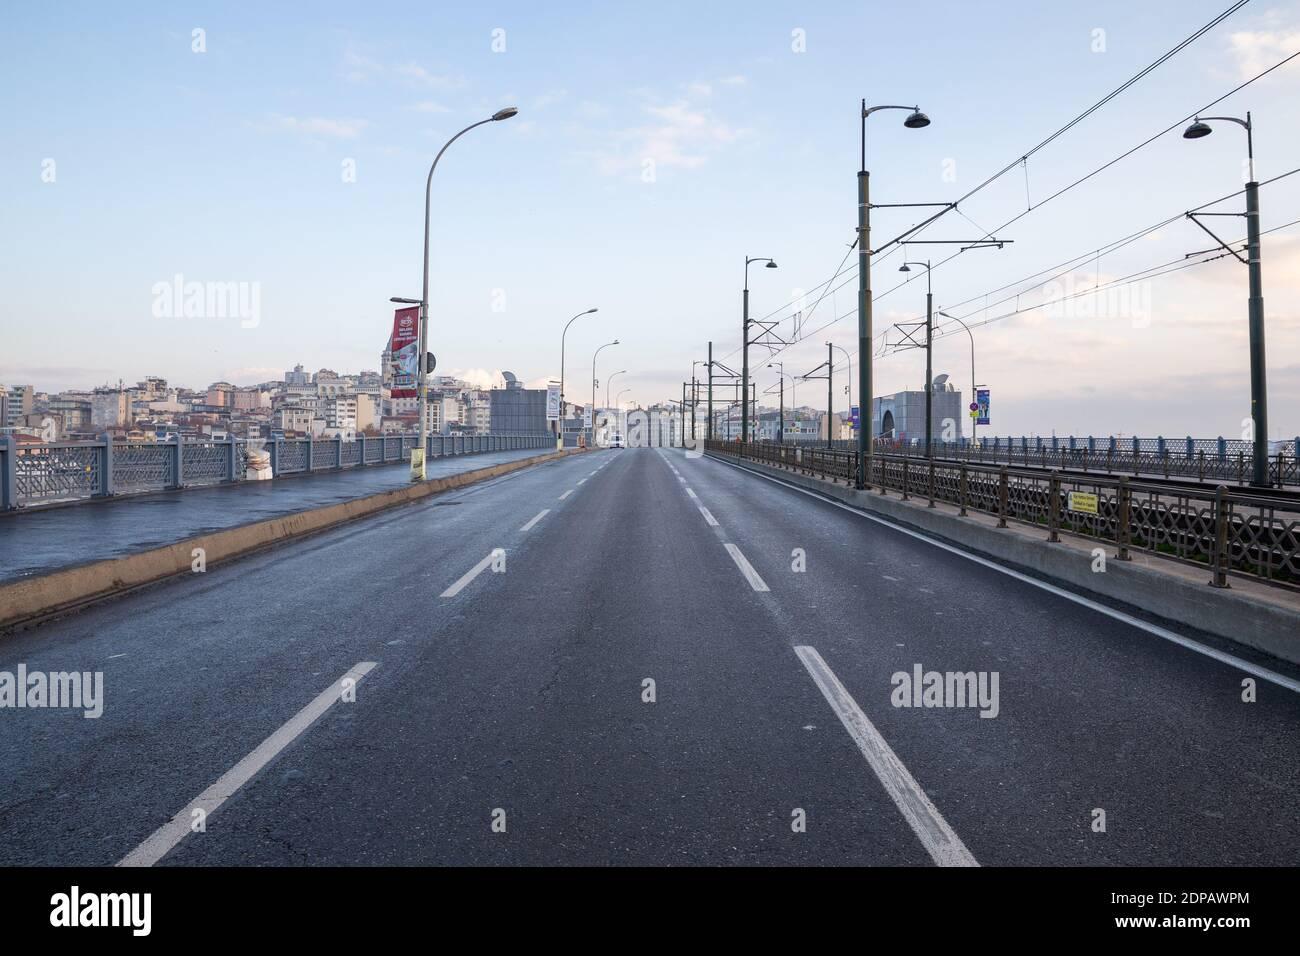 Vue depuis le pont de Galata, Istanbul en Turquie, le 6 décembre 2020. Les rues d'Istanbul, qui sont vides en raison du couvre-feu le week-end. Banque D'Images